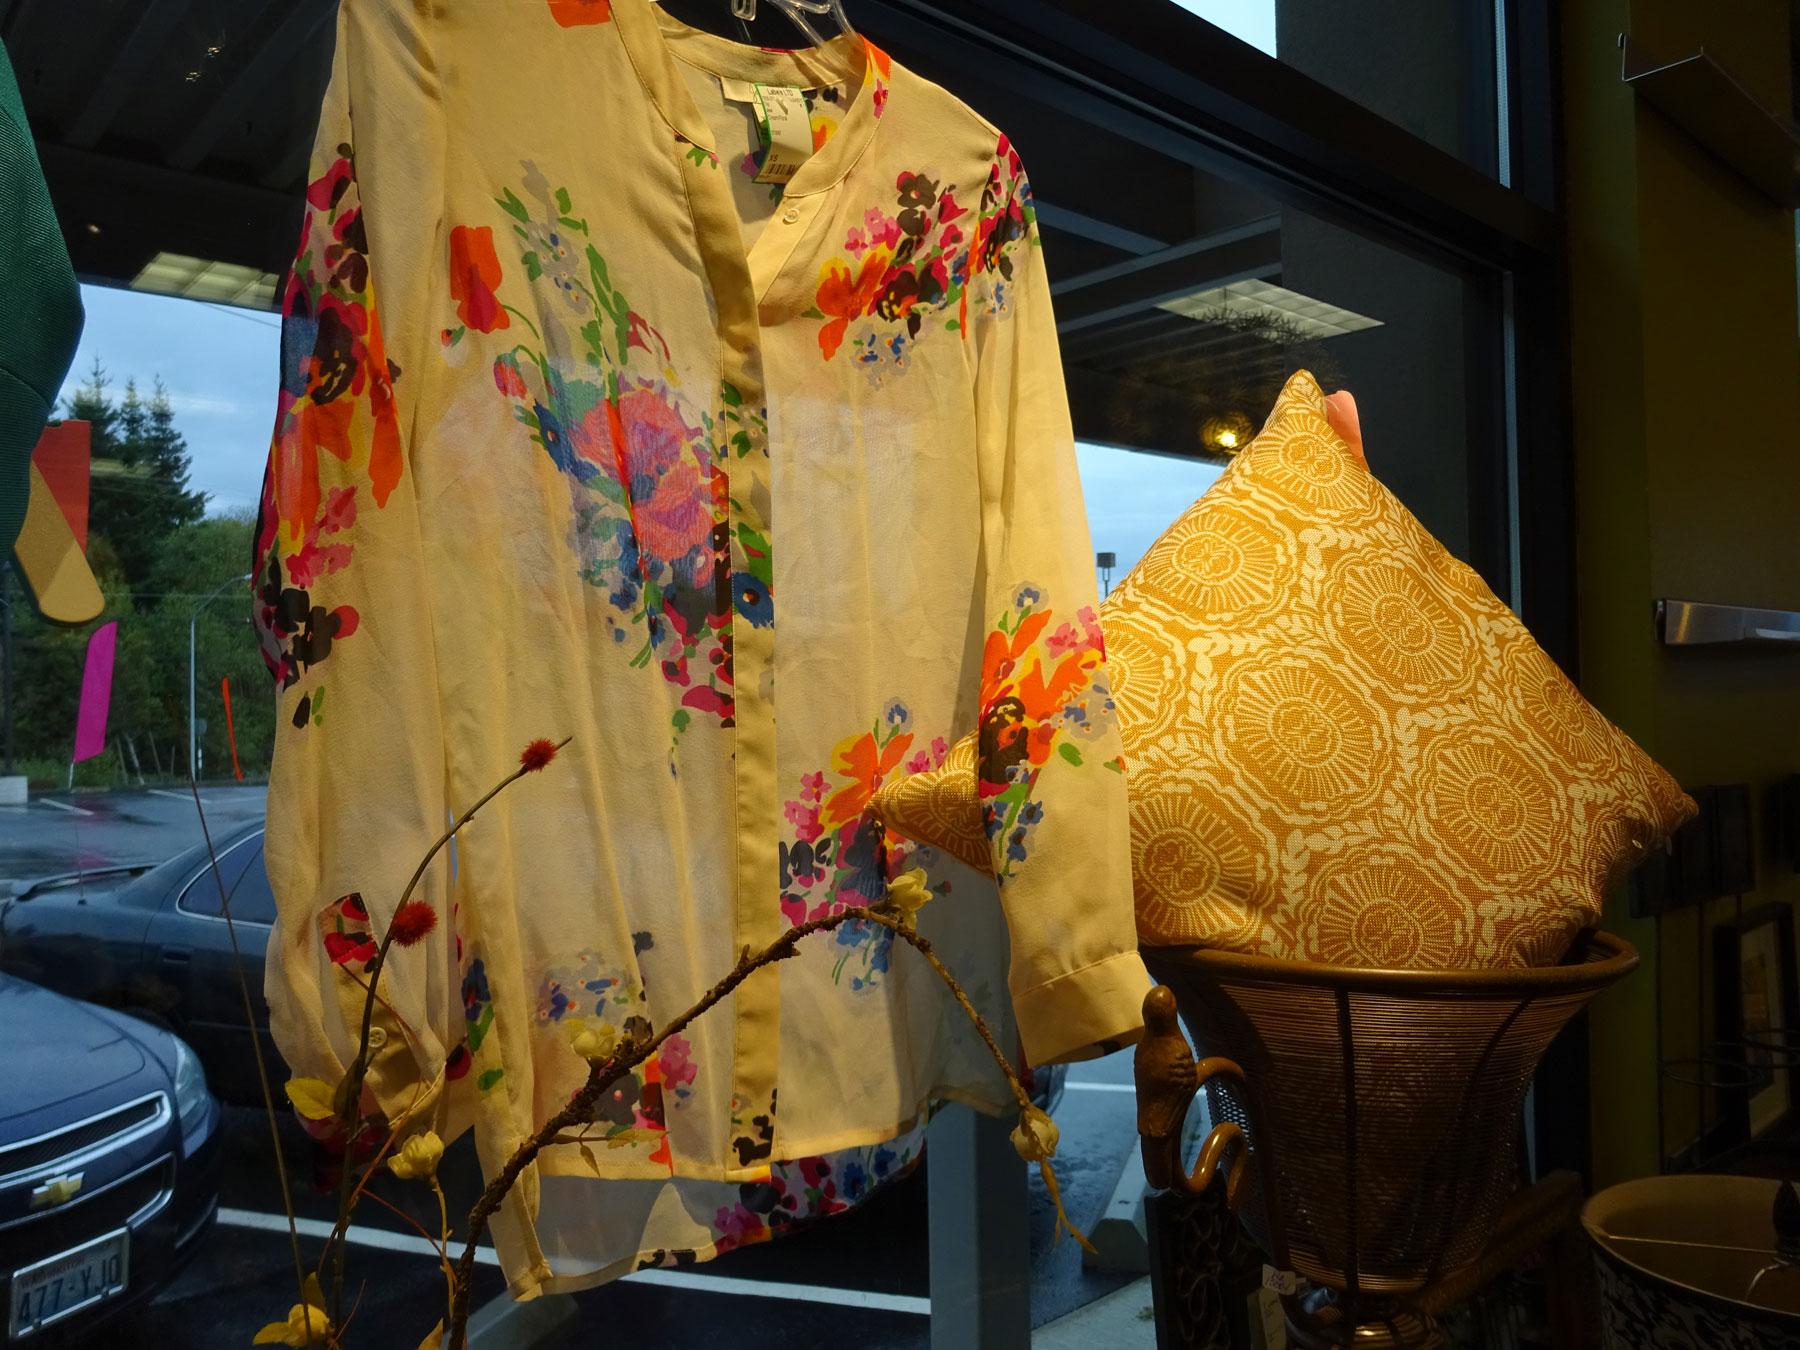 DSC00859-floral-blouse-1800x1350